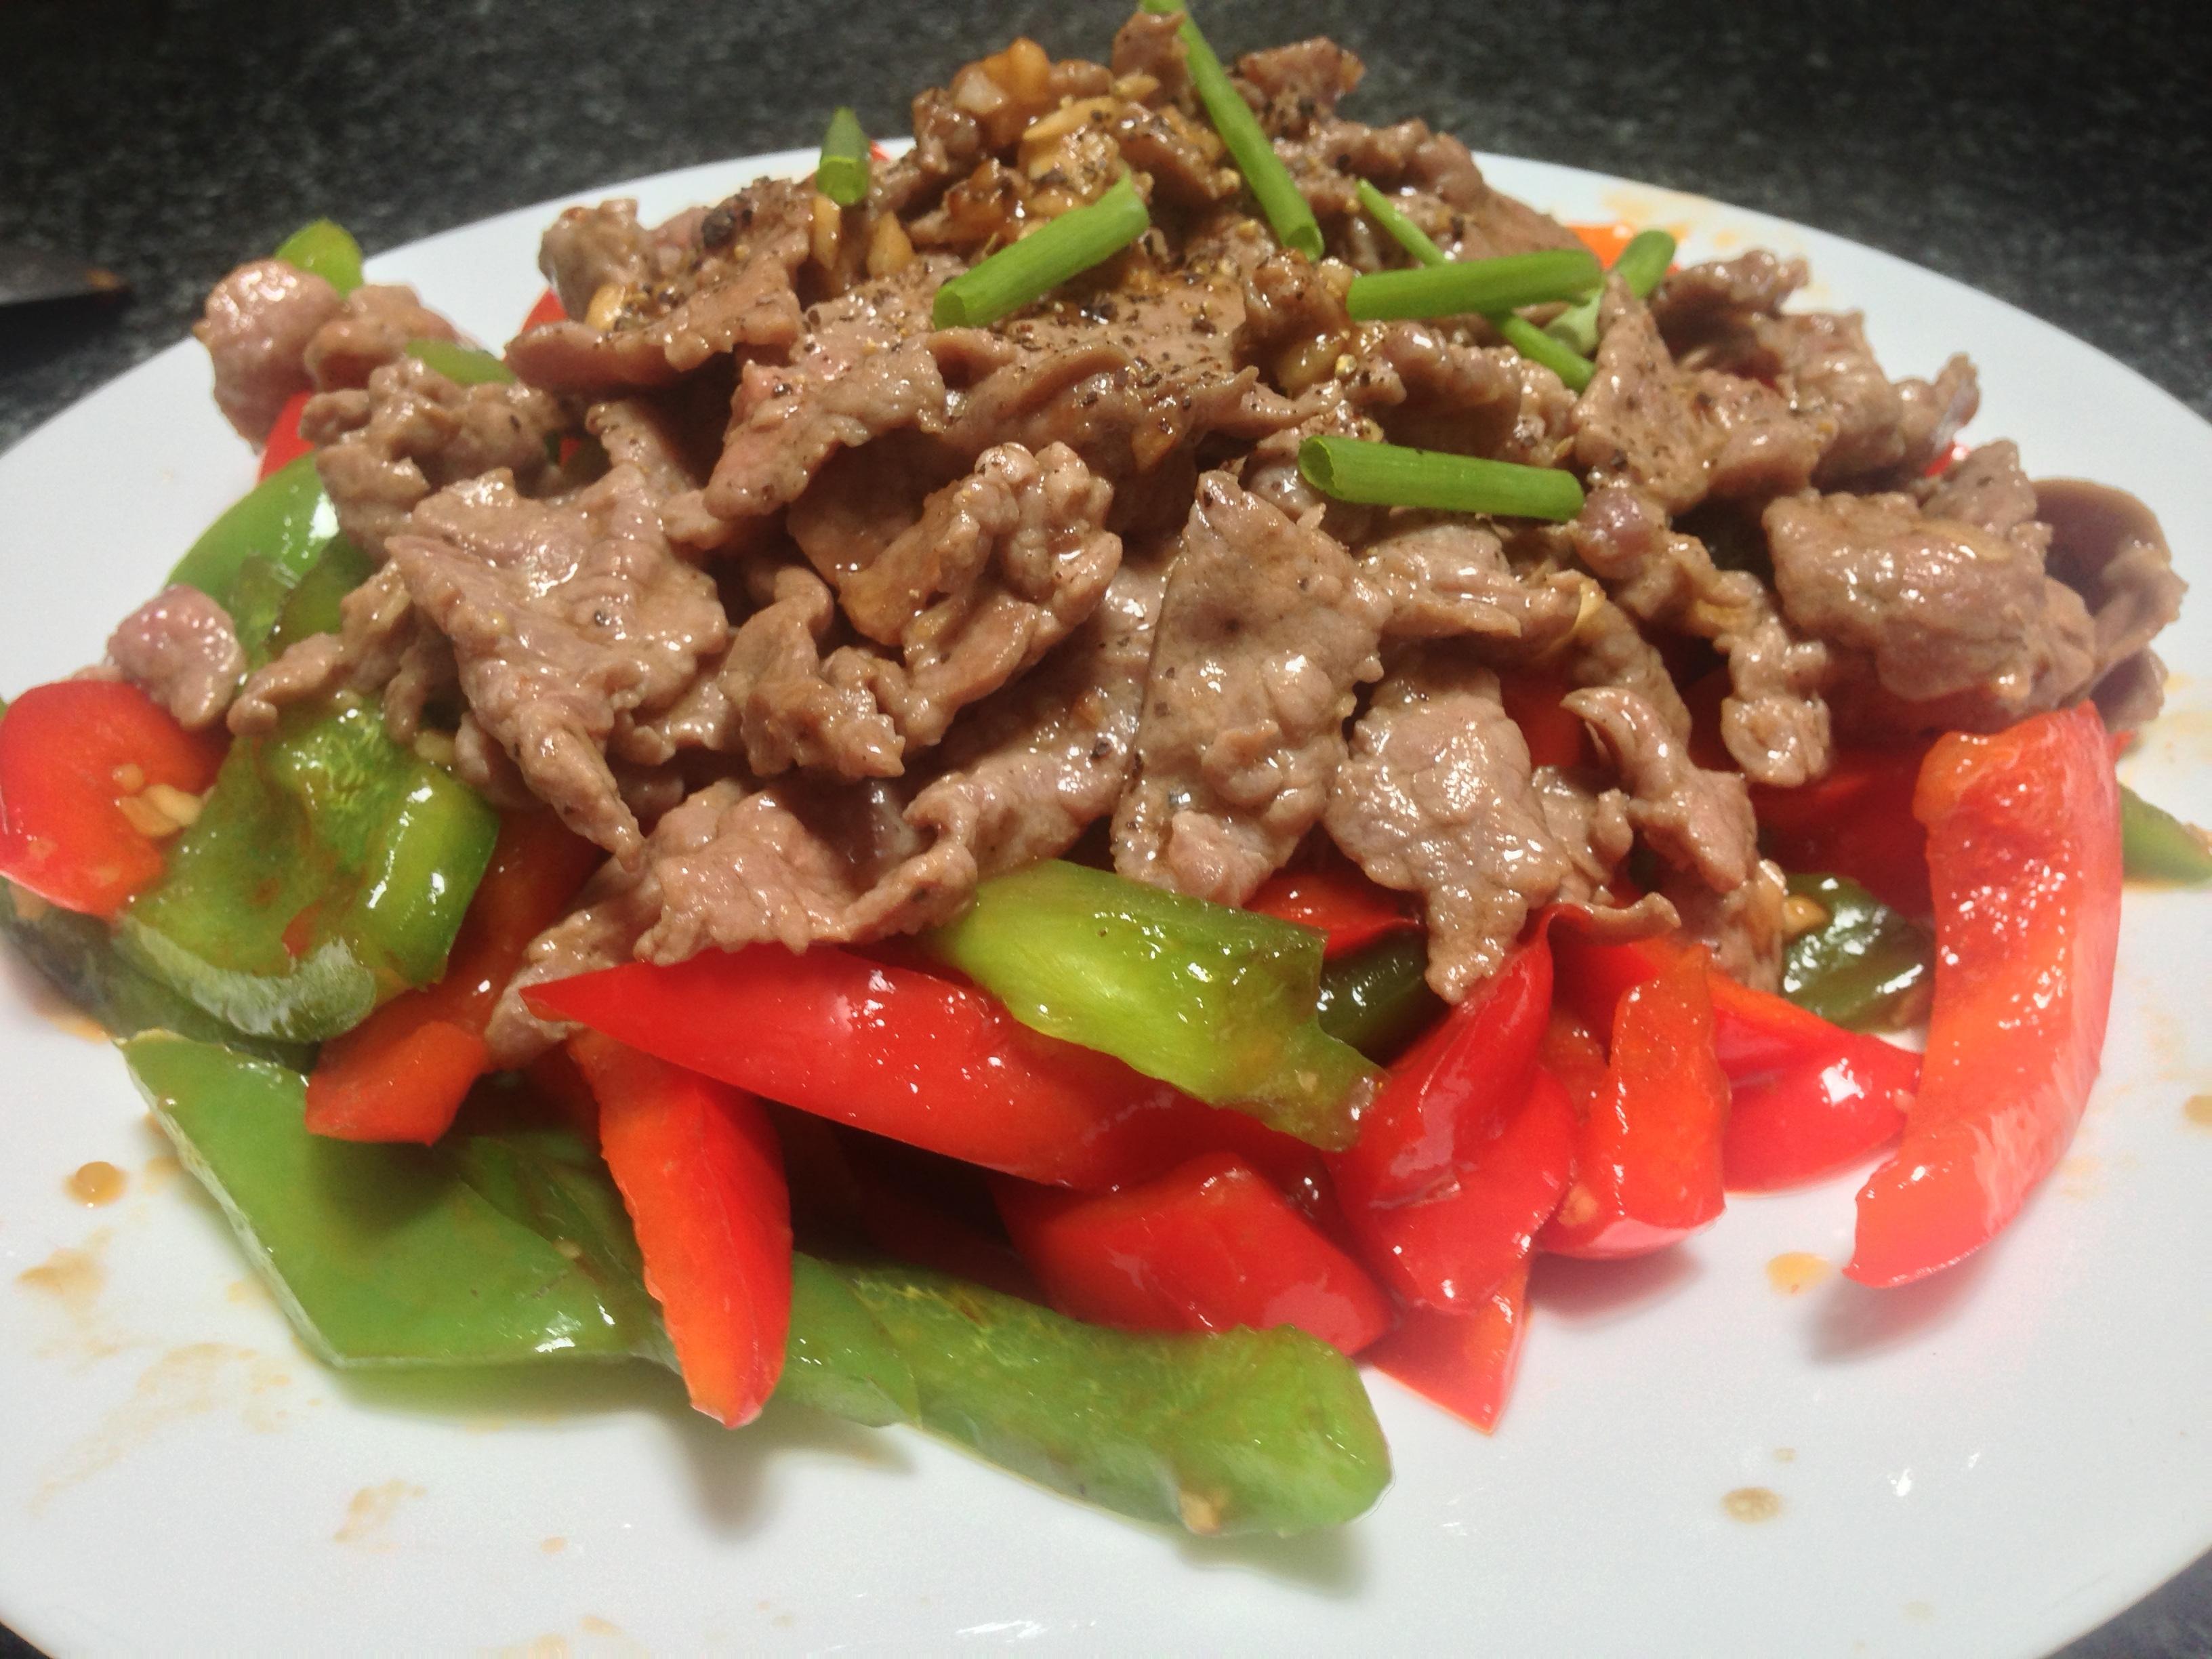 Bữa ăn gia đình thêm ngon với món ớt chuông xào thịt bò